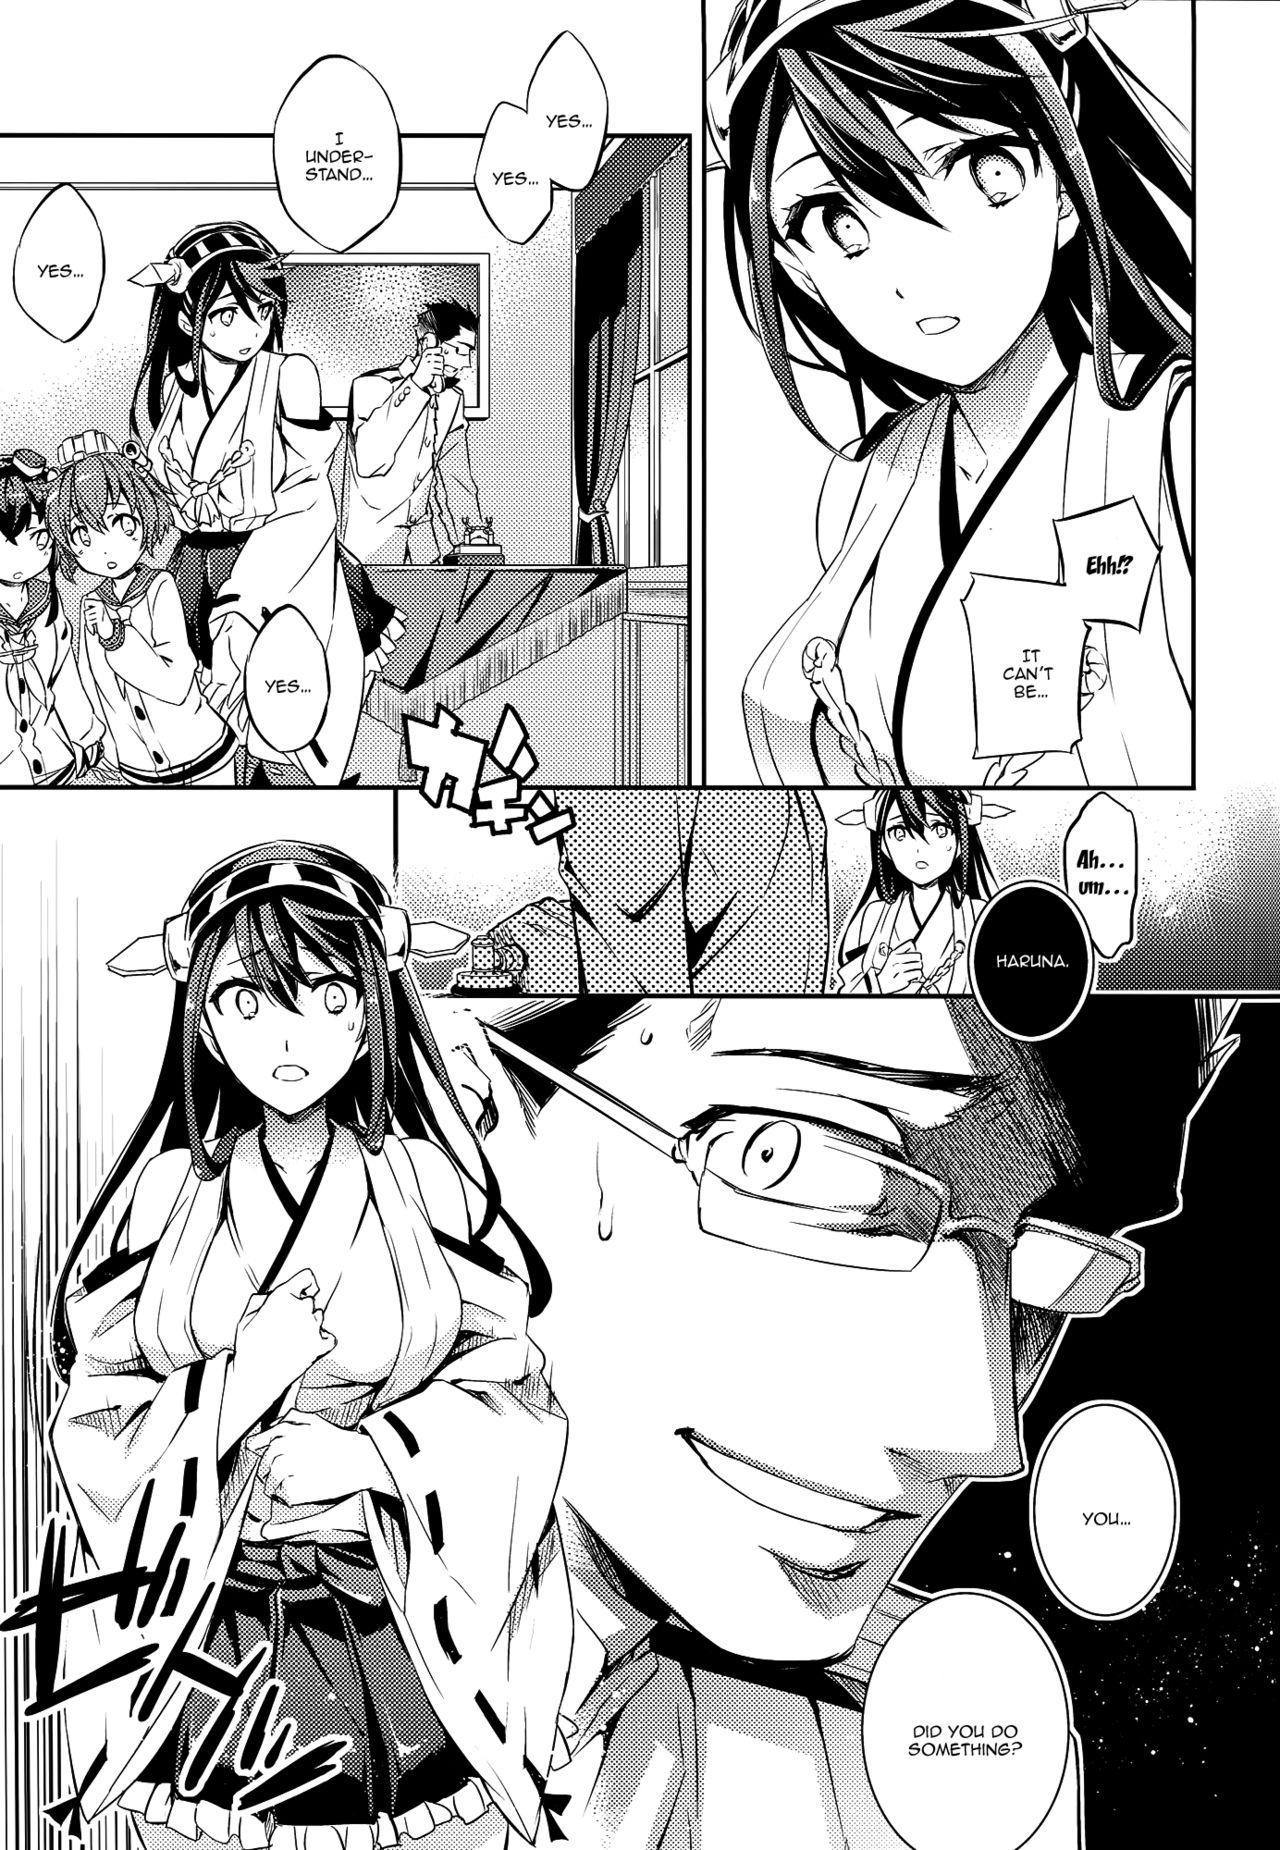 (C89) [Crazy9 (Ichitaka)] C9-22 Haruna wa Daijoubu desu!! | C9-22 Haruna's Fine!! (Kantai Collection -KanColle-) [English] {Doujins.com} 10